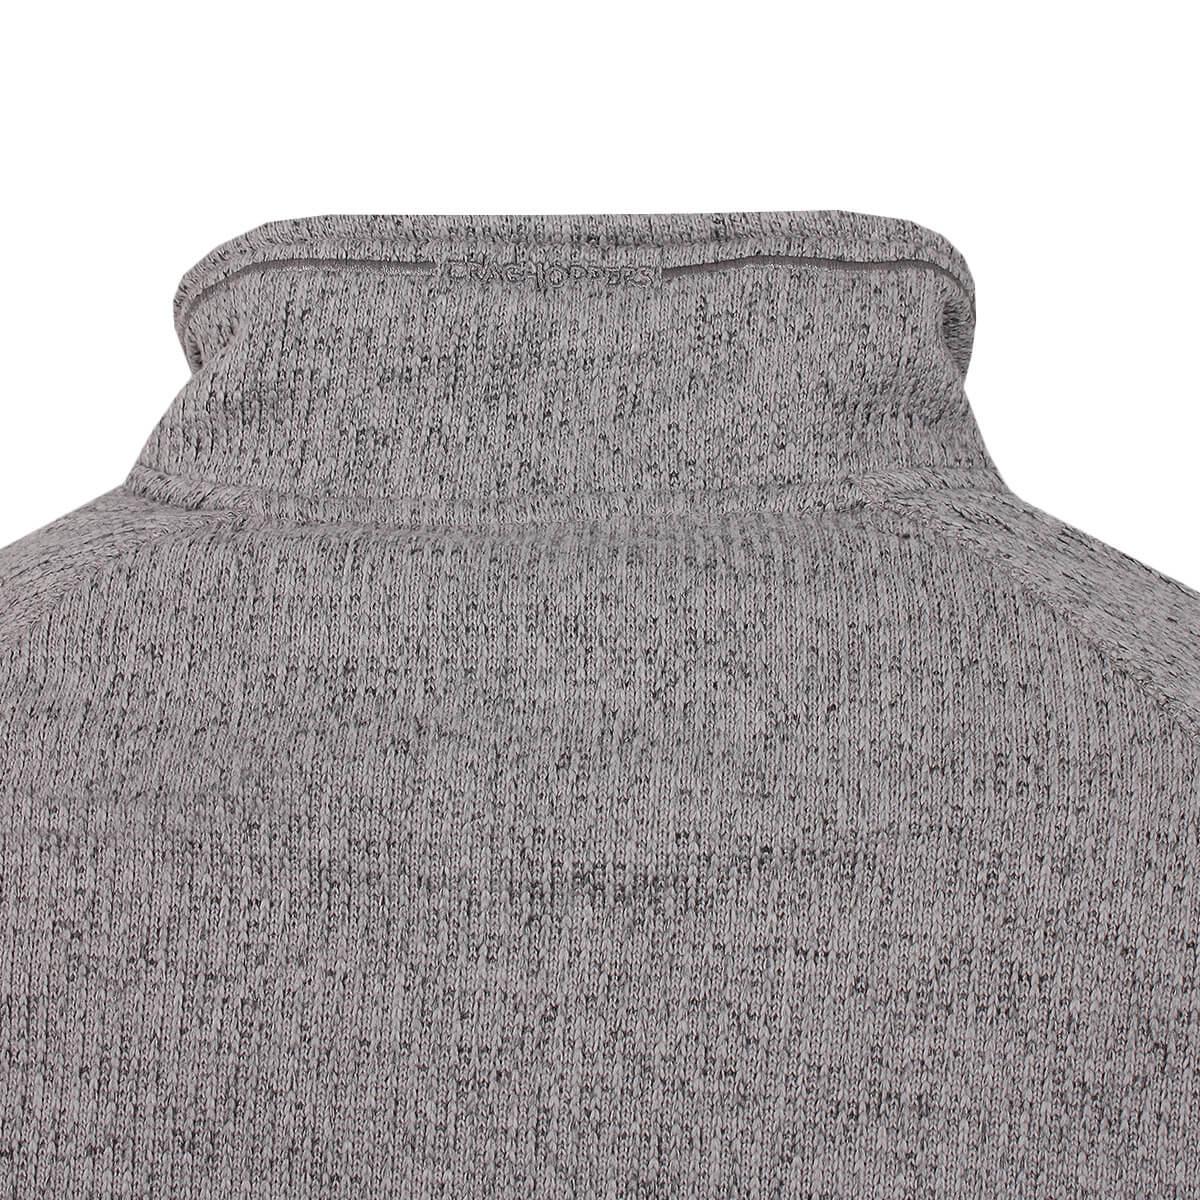 Craghoppers-Mens-Norton-Half-Zip-Fleece-Outdoor-Sweater-Pullover-60-OFF-RRP Indexbild 9